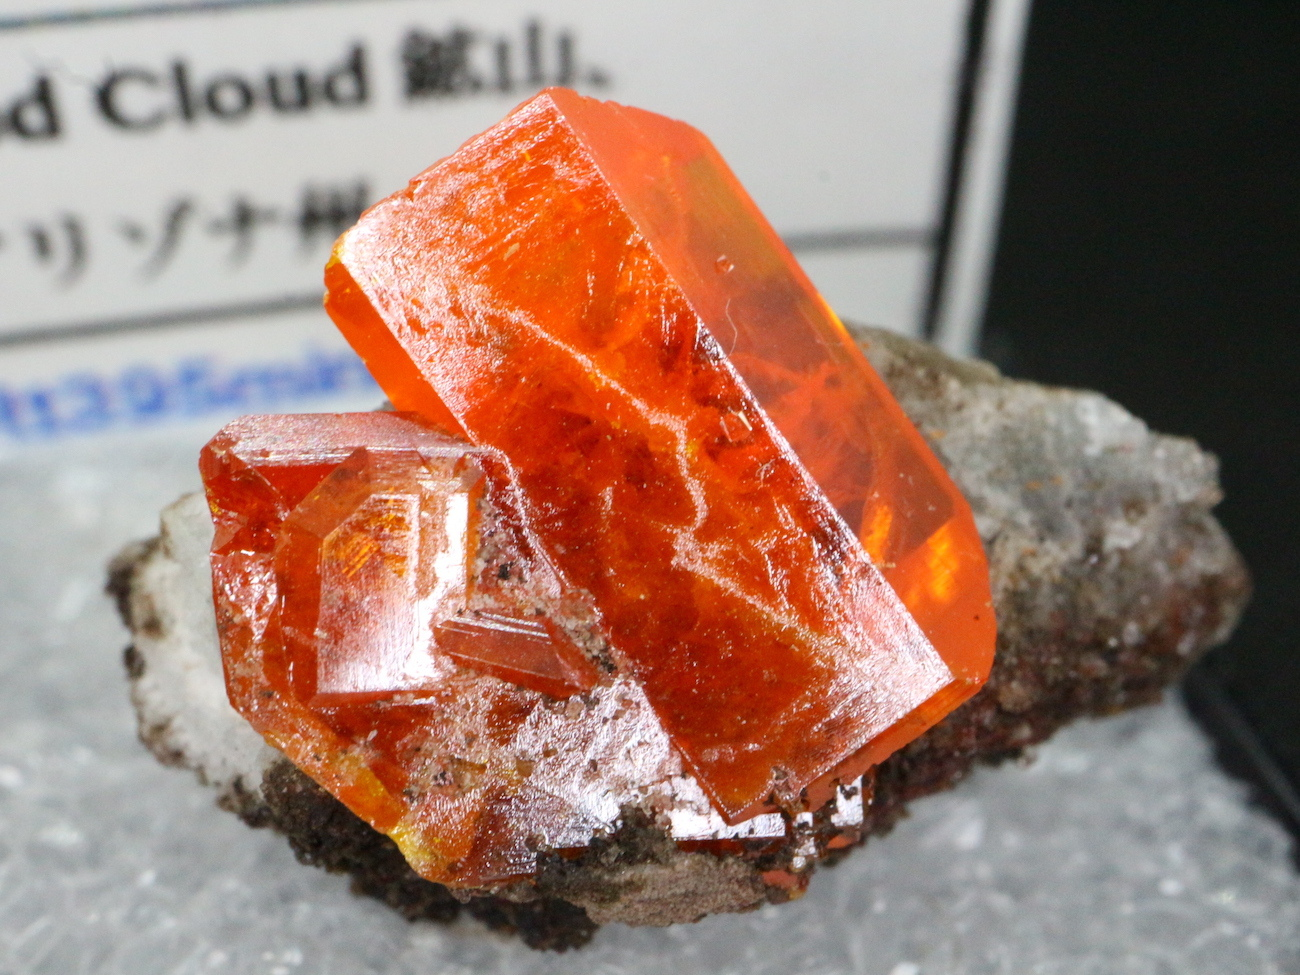 アリゾナ産 モリブデン鉛鉱 Wulfenite ケース入り WF006 天然石 鉱物 標本 原石